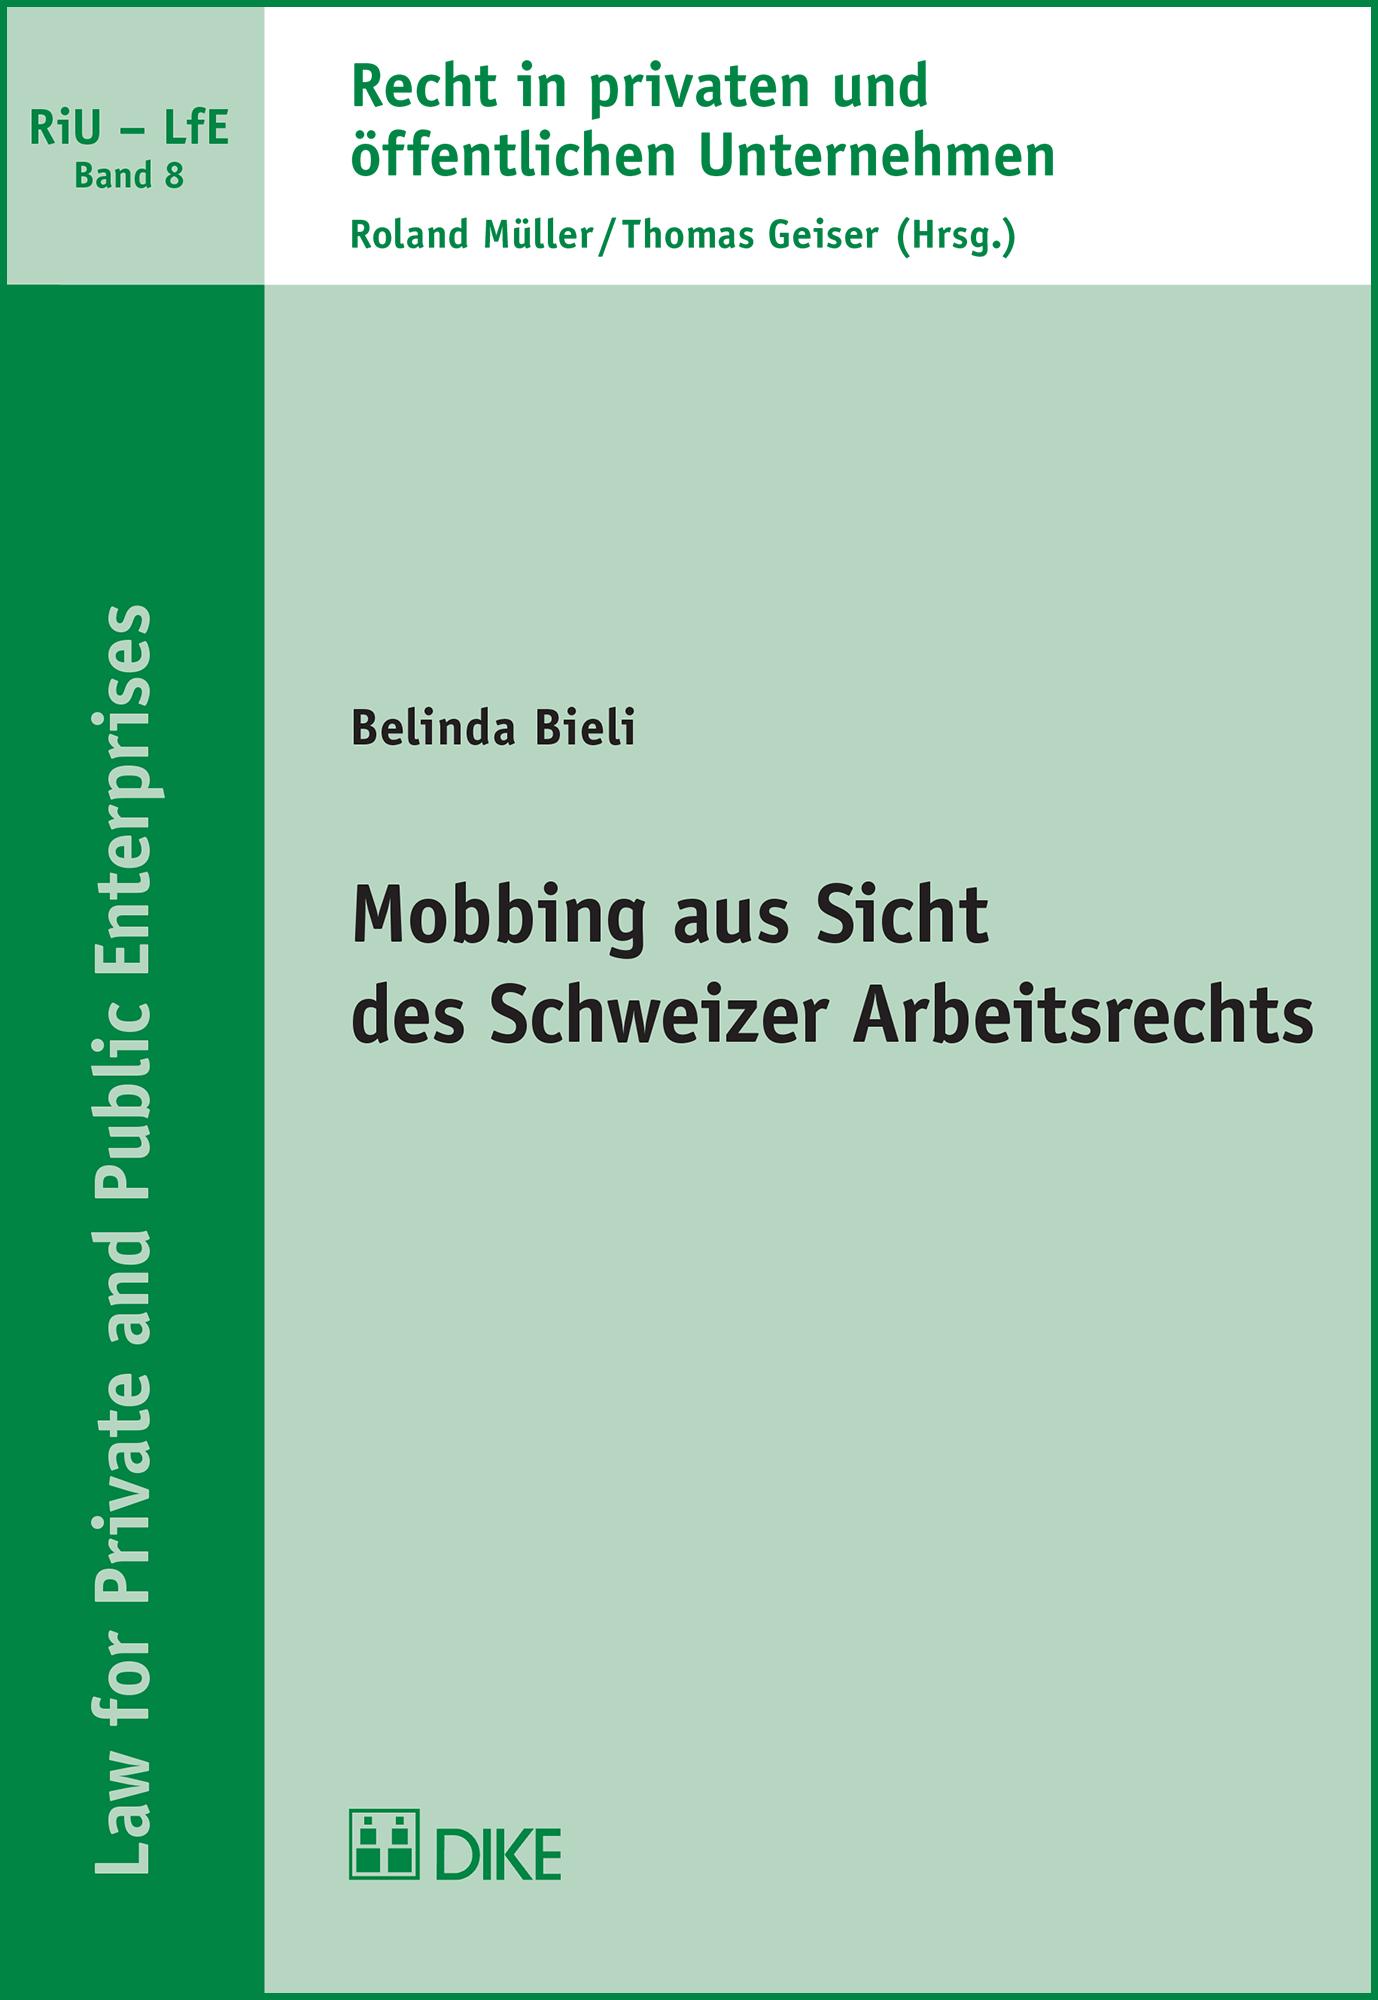 Mobbing aus Sicht des Schweizer Arbeitsrechts